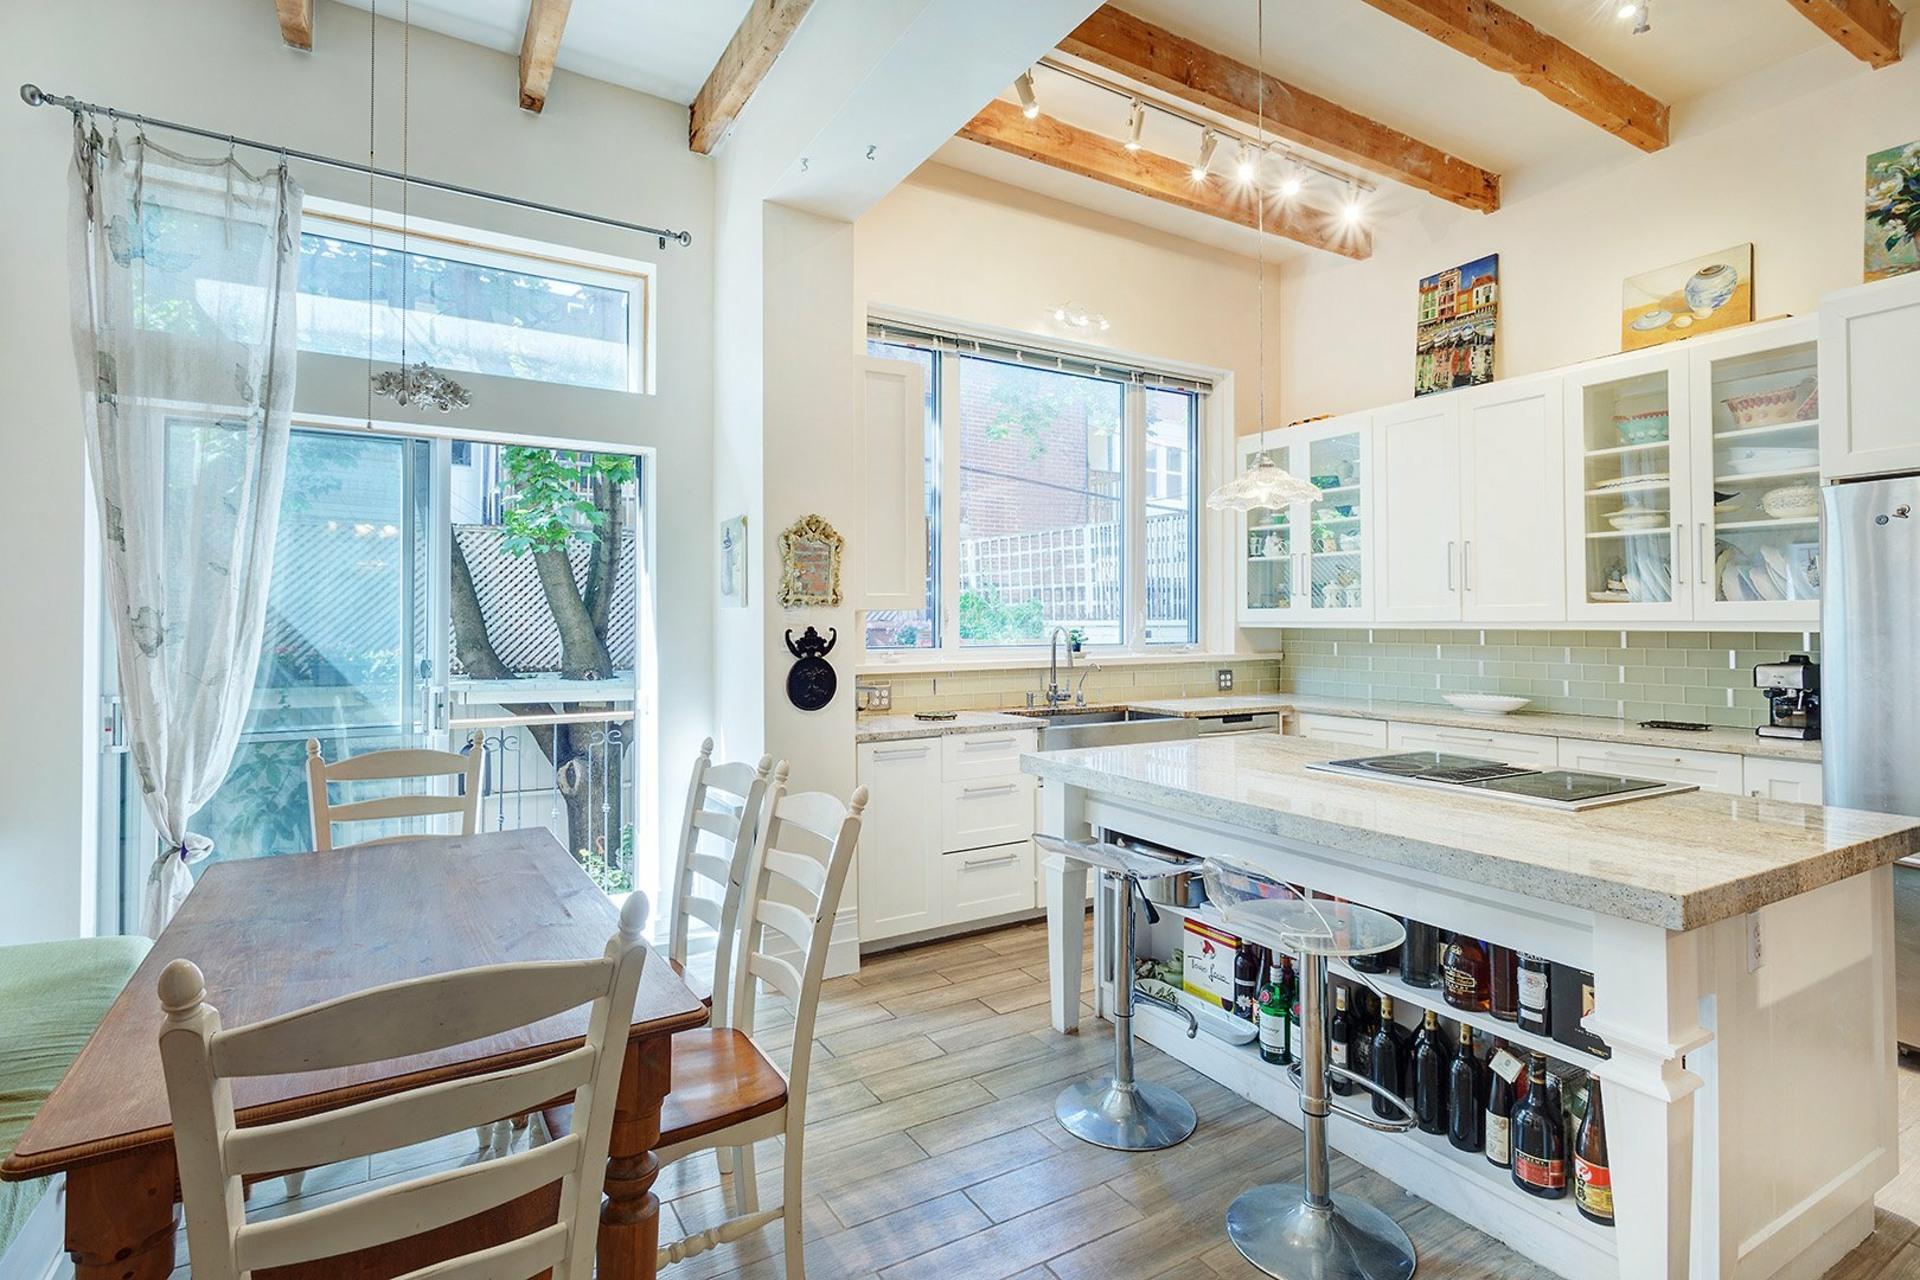 image 10 - Maison À vendre Le Plateau-Mont-Royal Montréal  - 14 pièces